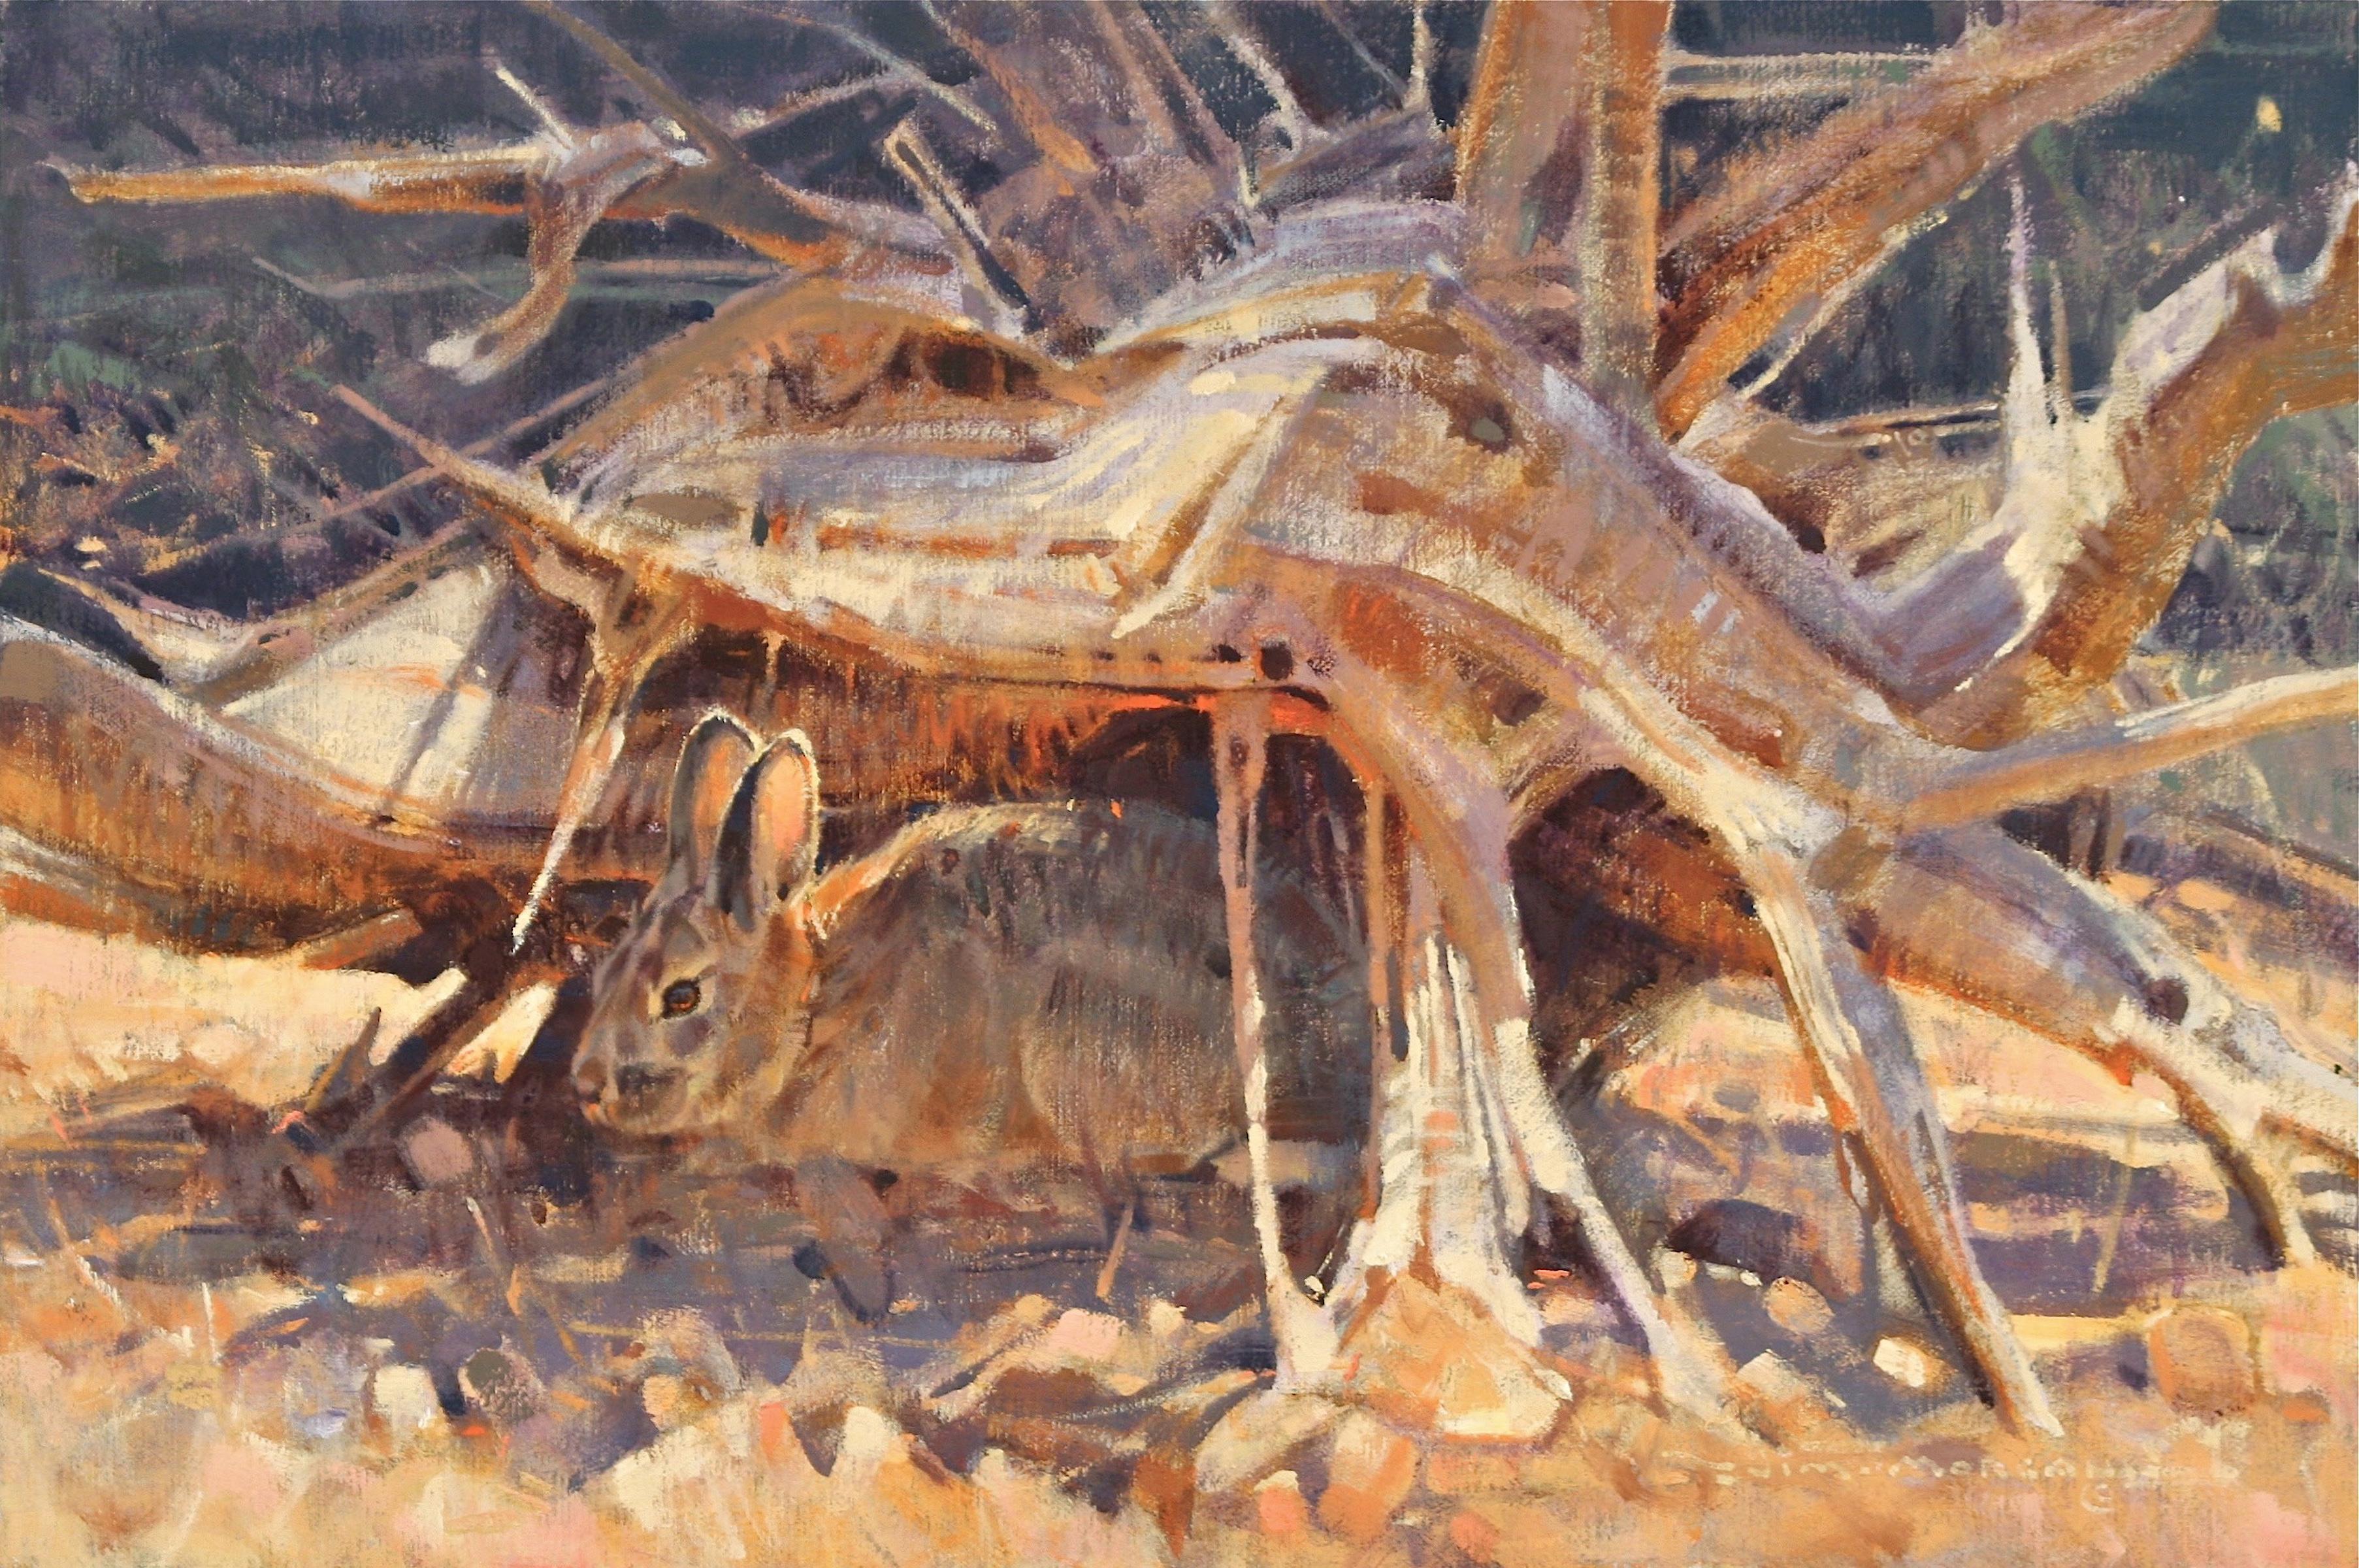 Desert Cottontail and Juniper Snag